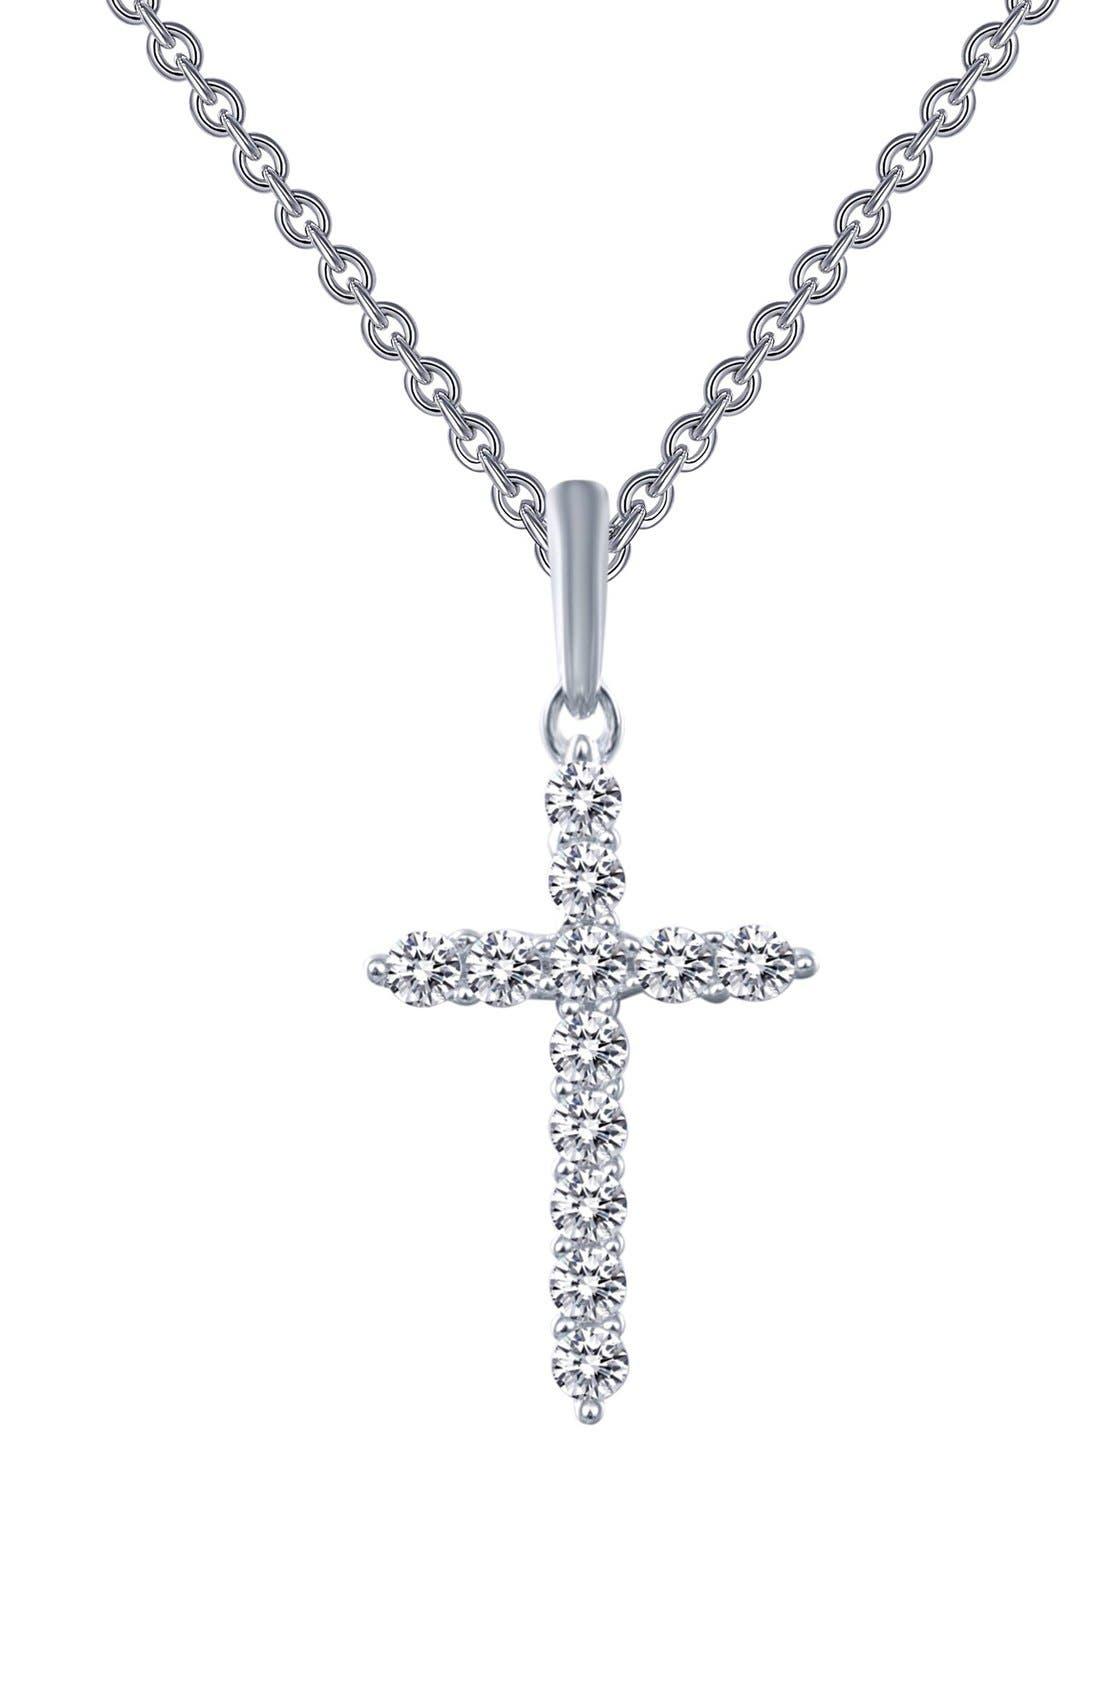 Lafonn 'Lassaire' Cross Pendant Necklace